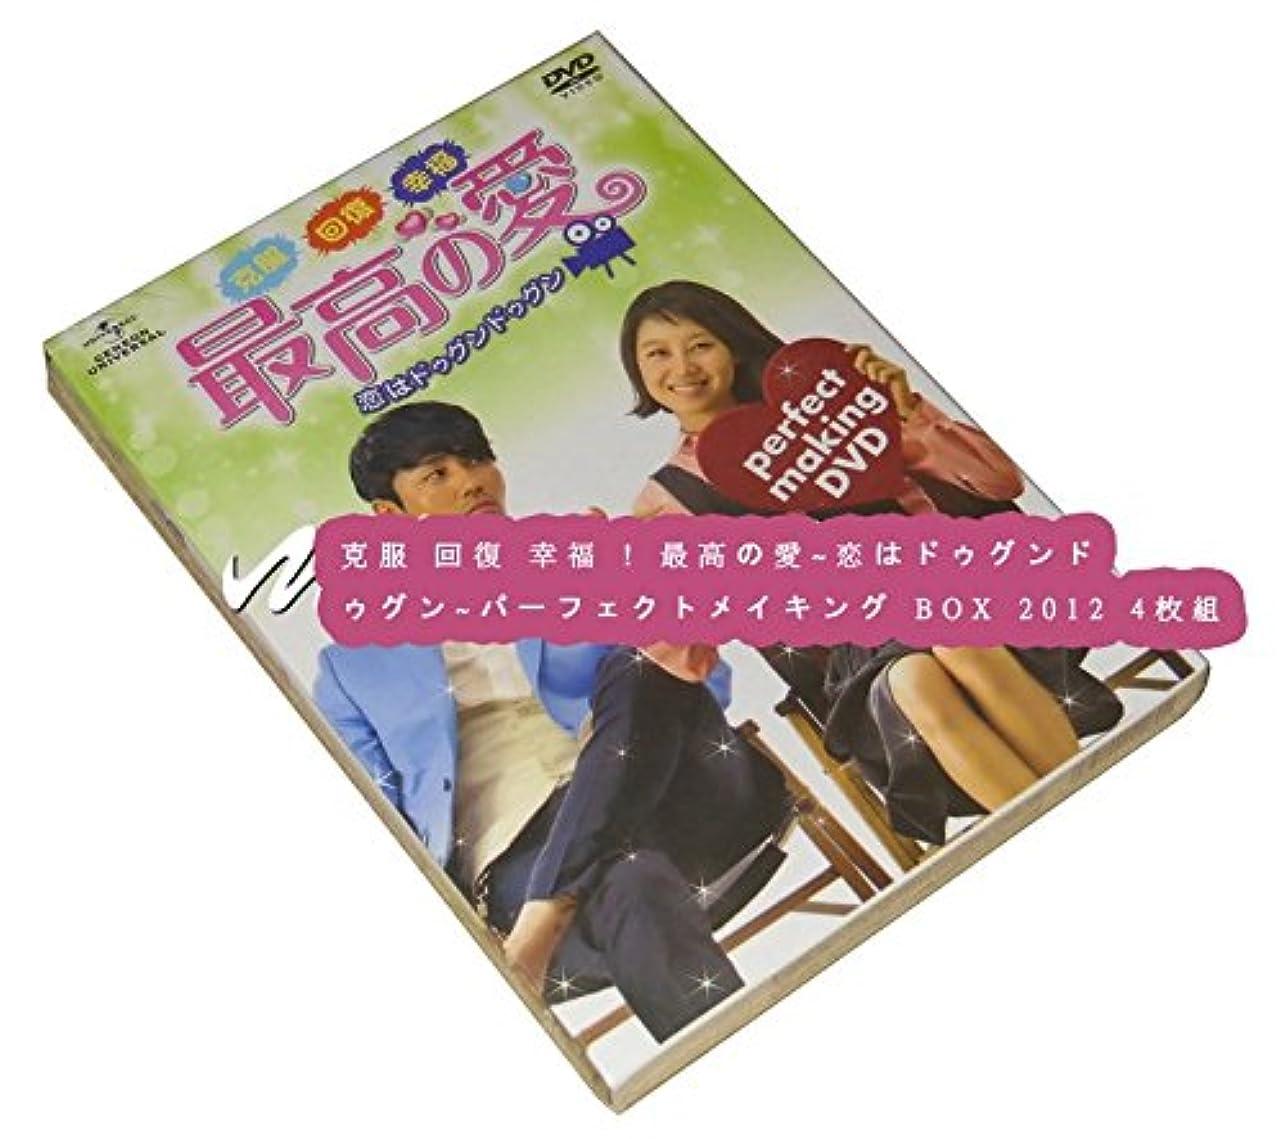 死の顎クライアント騒克服 回復 幸福 ! 最高の愛~恋はドゥグンドゥグン~パーフェクトメイキング BOX 2012